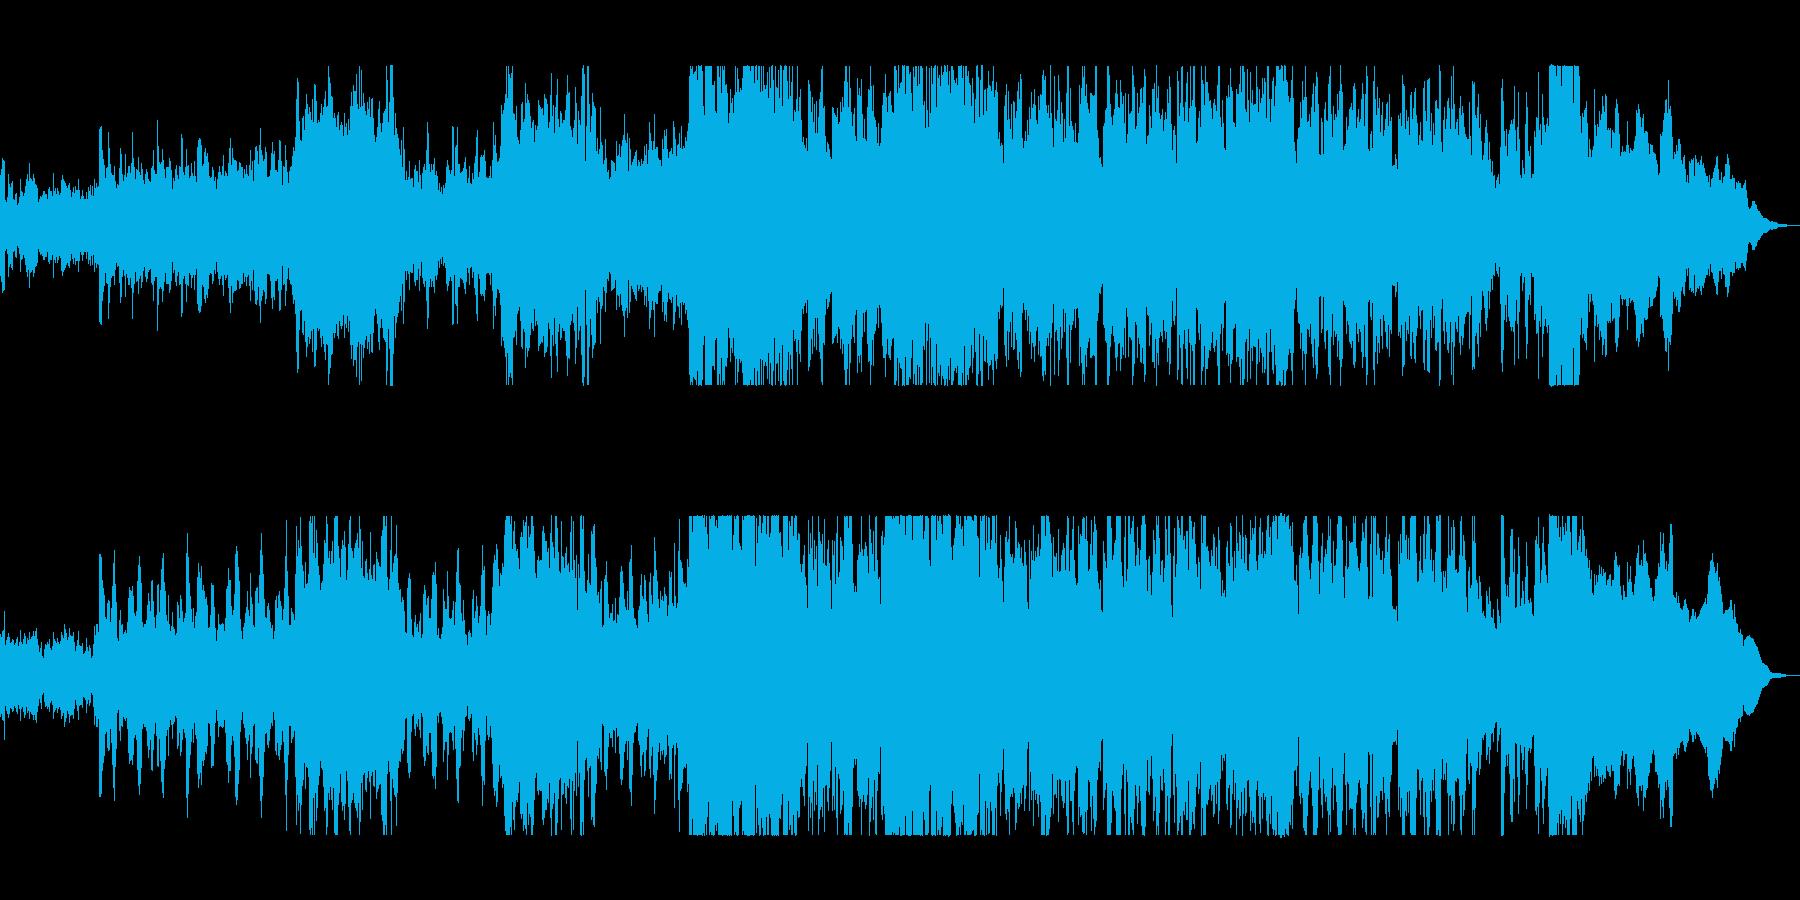 シリアスな弦楽器シンフォニーテクノの再生済みの波形